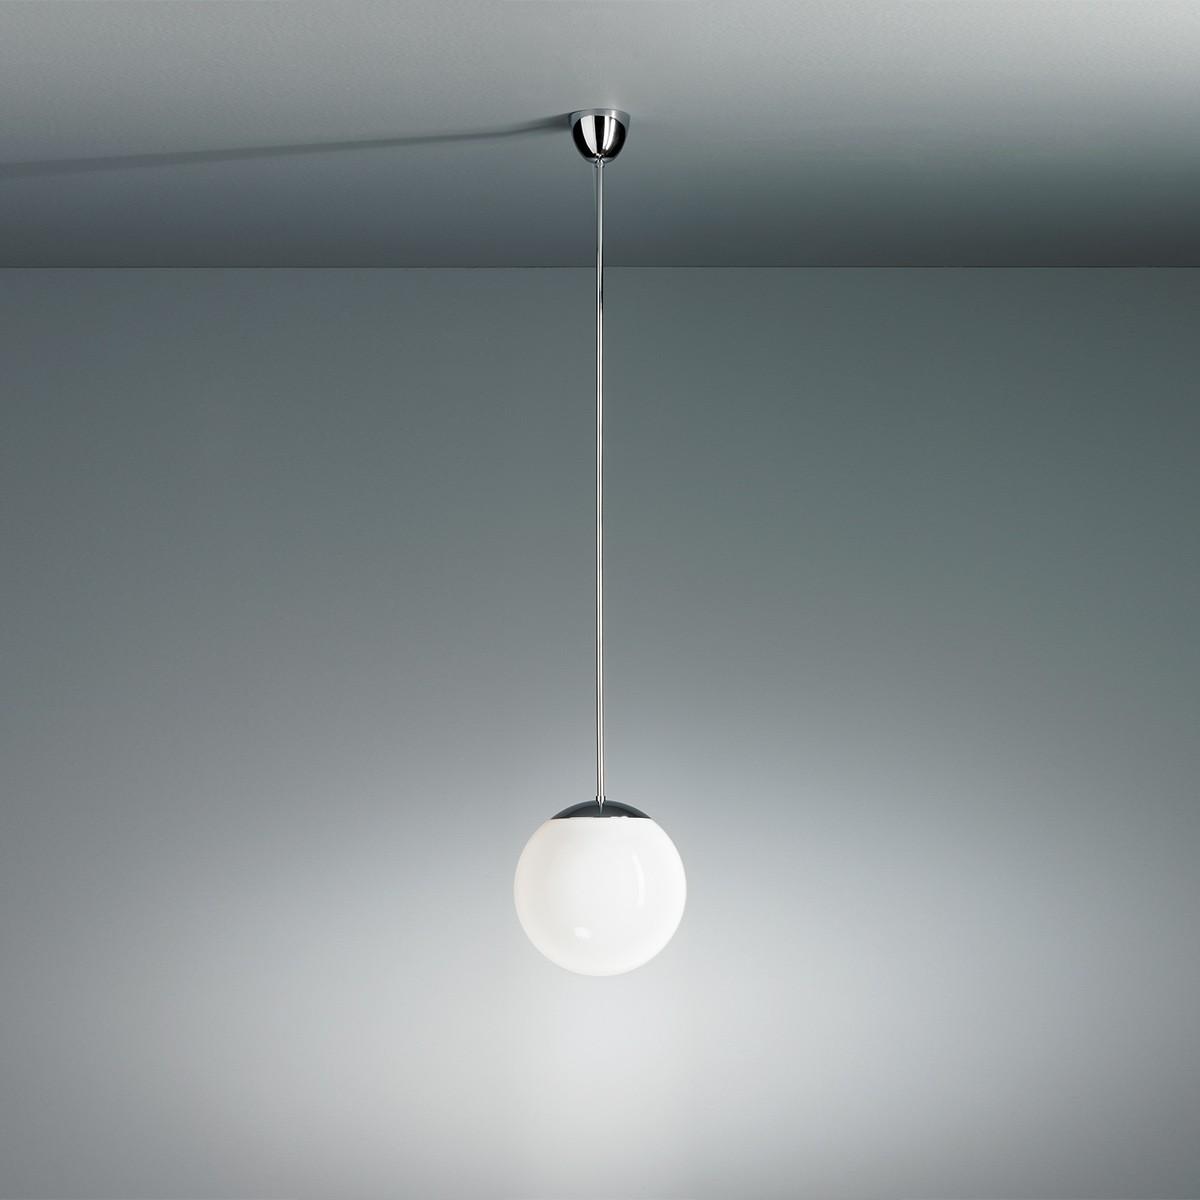 Tecnolumen HL 99 Pendelleuchte mit Opalkugel, Ø: 20 cm, Gestell: Chrom glänzend, Glas: opalüberfangen